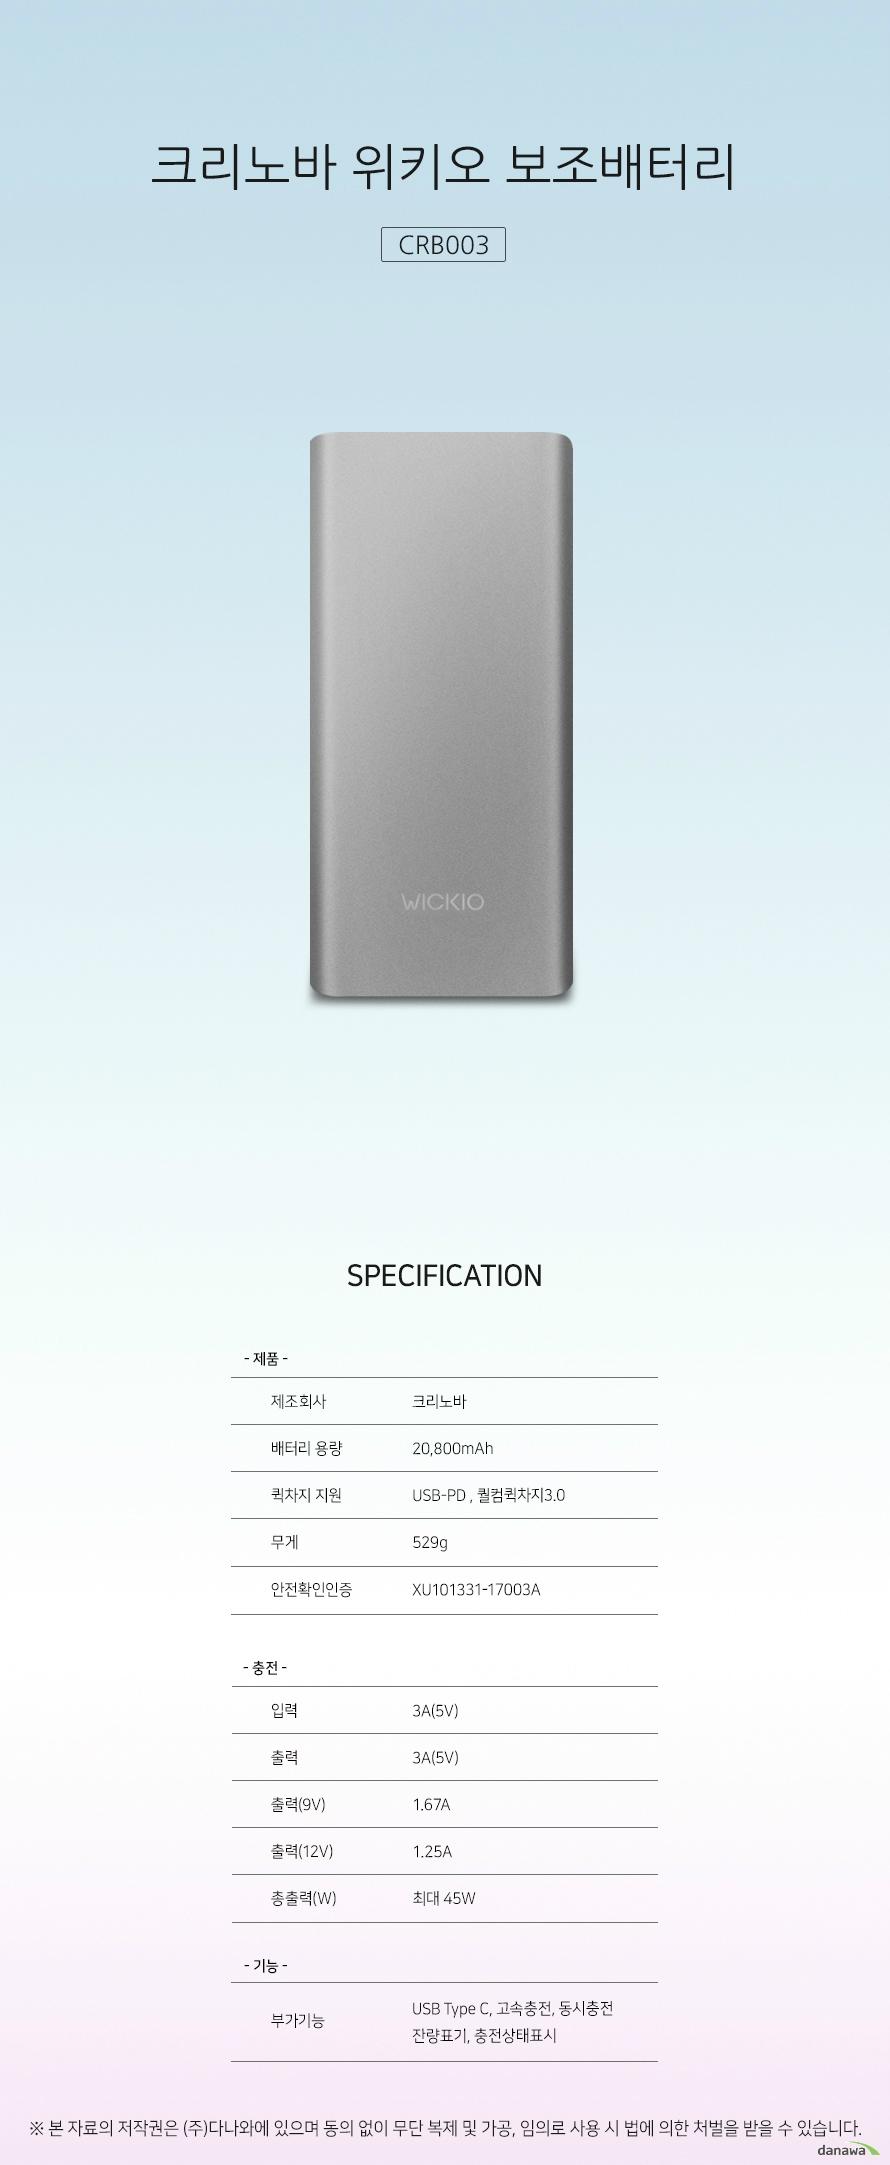 크리노바 위키오 보조배터리 CRB003 스펙 제조회사 크리노바 배터리 용량 20,800mAh 퀵차지 지원 USB-PD, 퀼컴퀵차지3.0 무게 529g 안전확인인증 XU101331-17003A 입력 3A(5V) 출력 3A(5V) 출력(9V) 1.67A 출력(12V) 1.25A 총출력(W) 최대 45W 부가기능 USB TypeC, 고속충전, 동시충전, 잔량표기, 충전상태표시